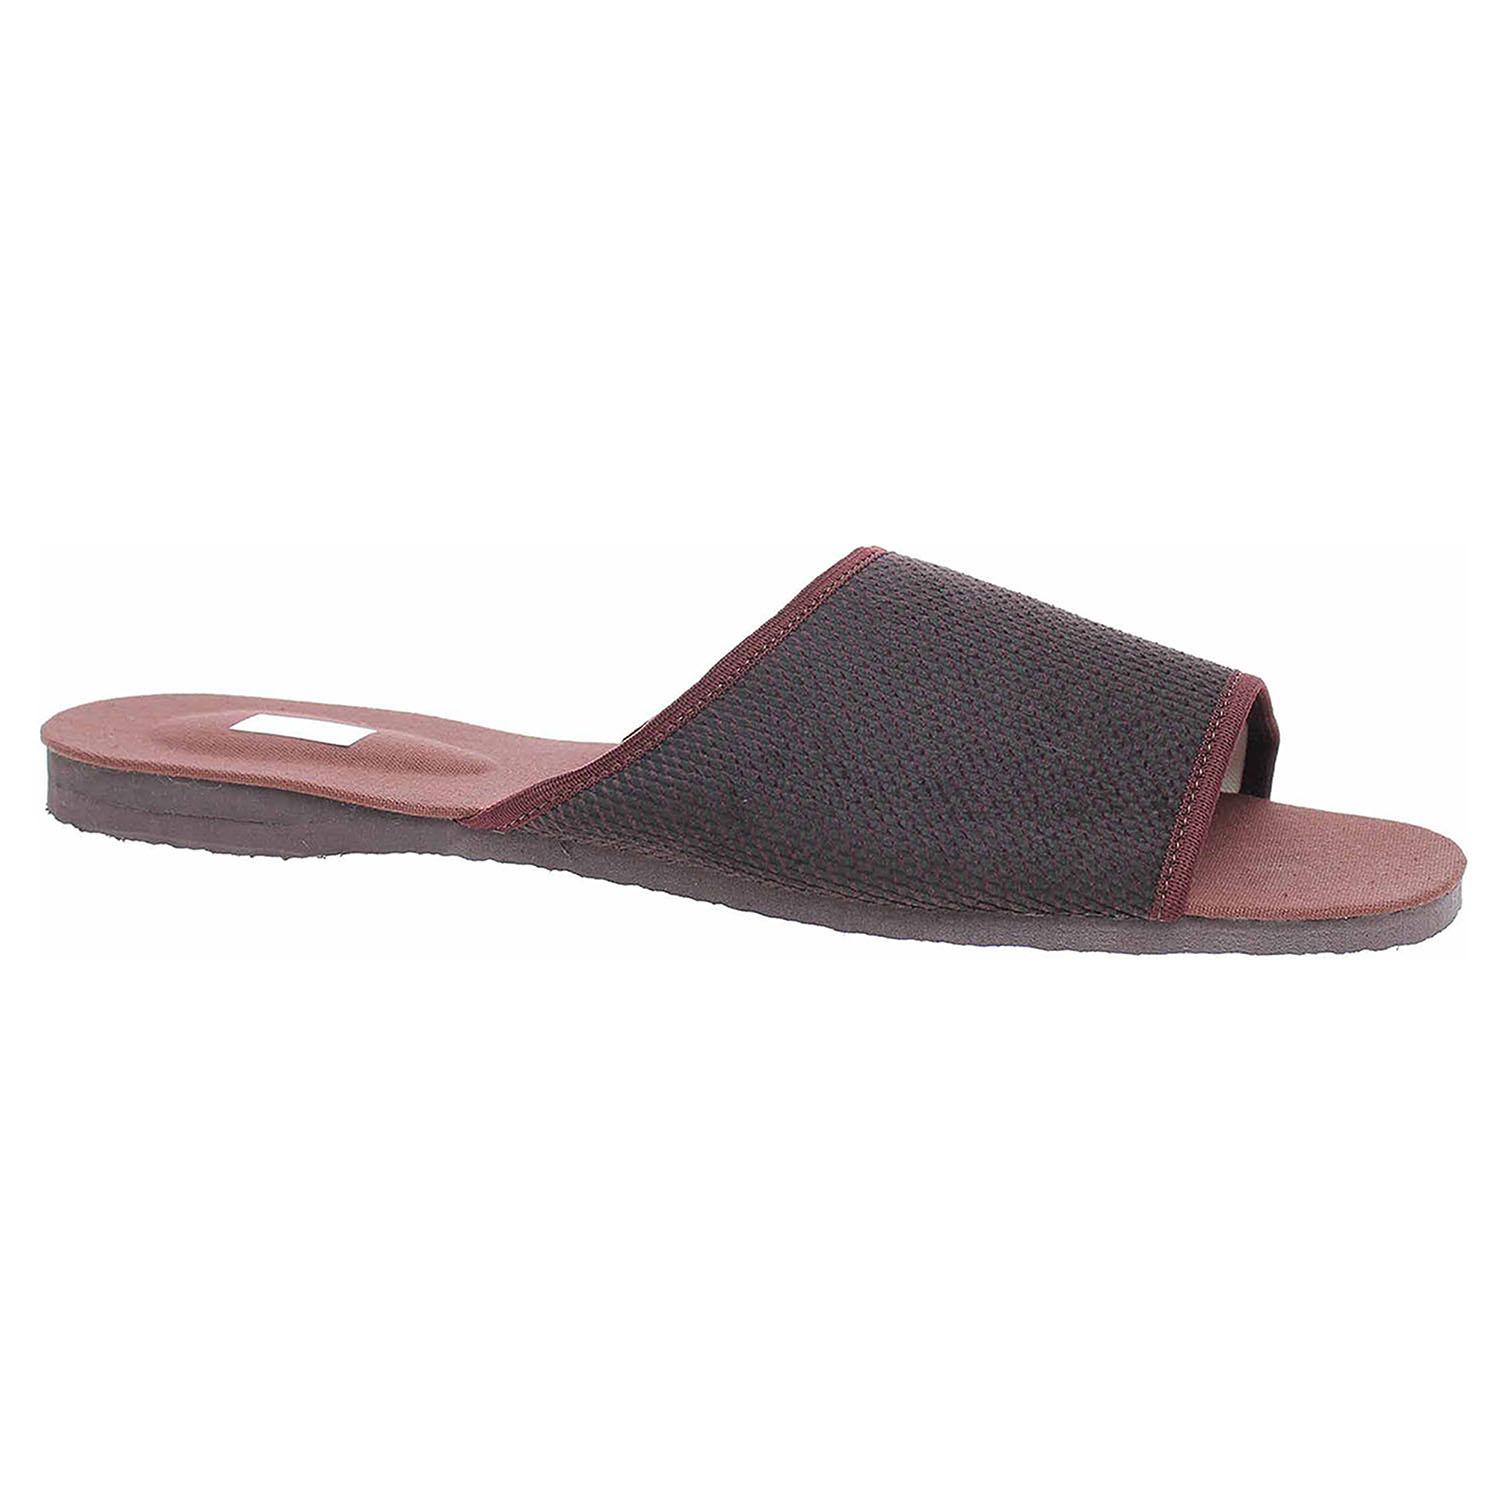 Pánské domácí pantofle Pegres 3009.01 hnědá 3009.01 hnědá 47